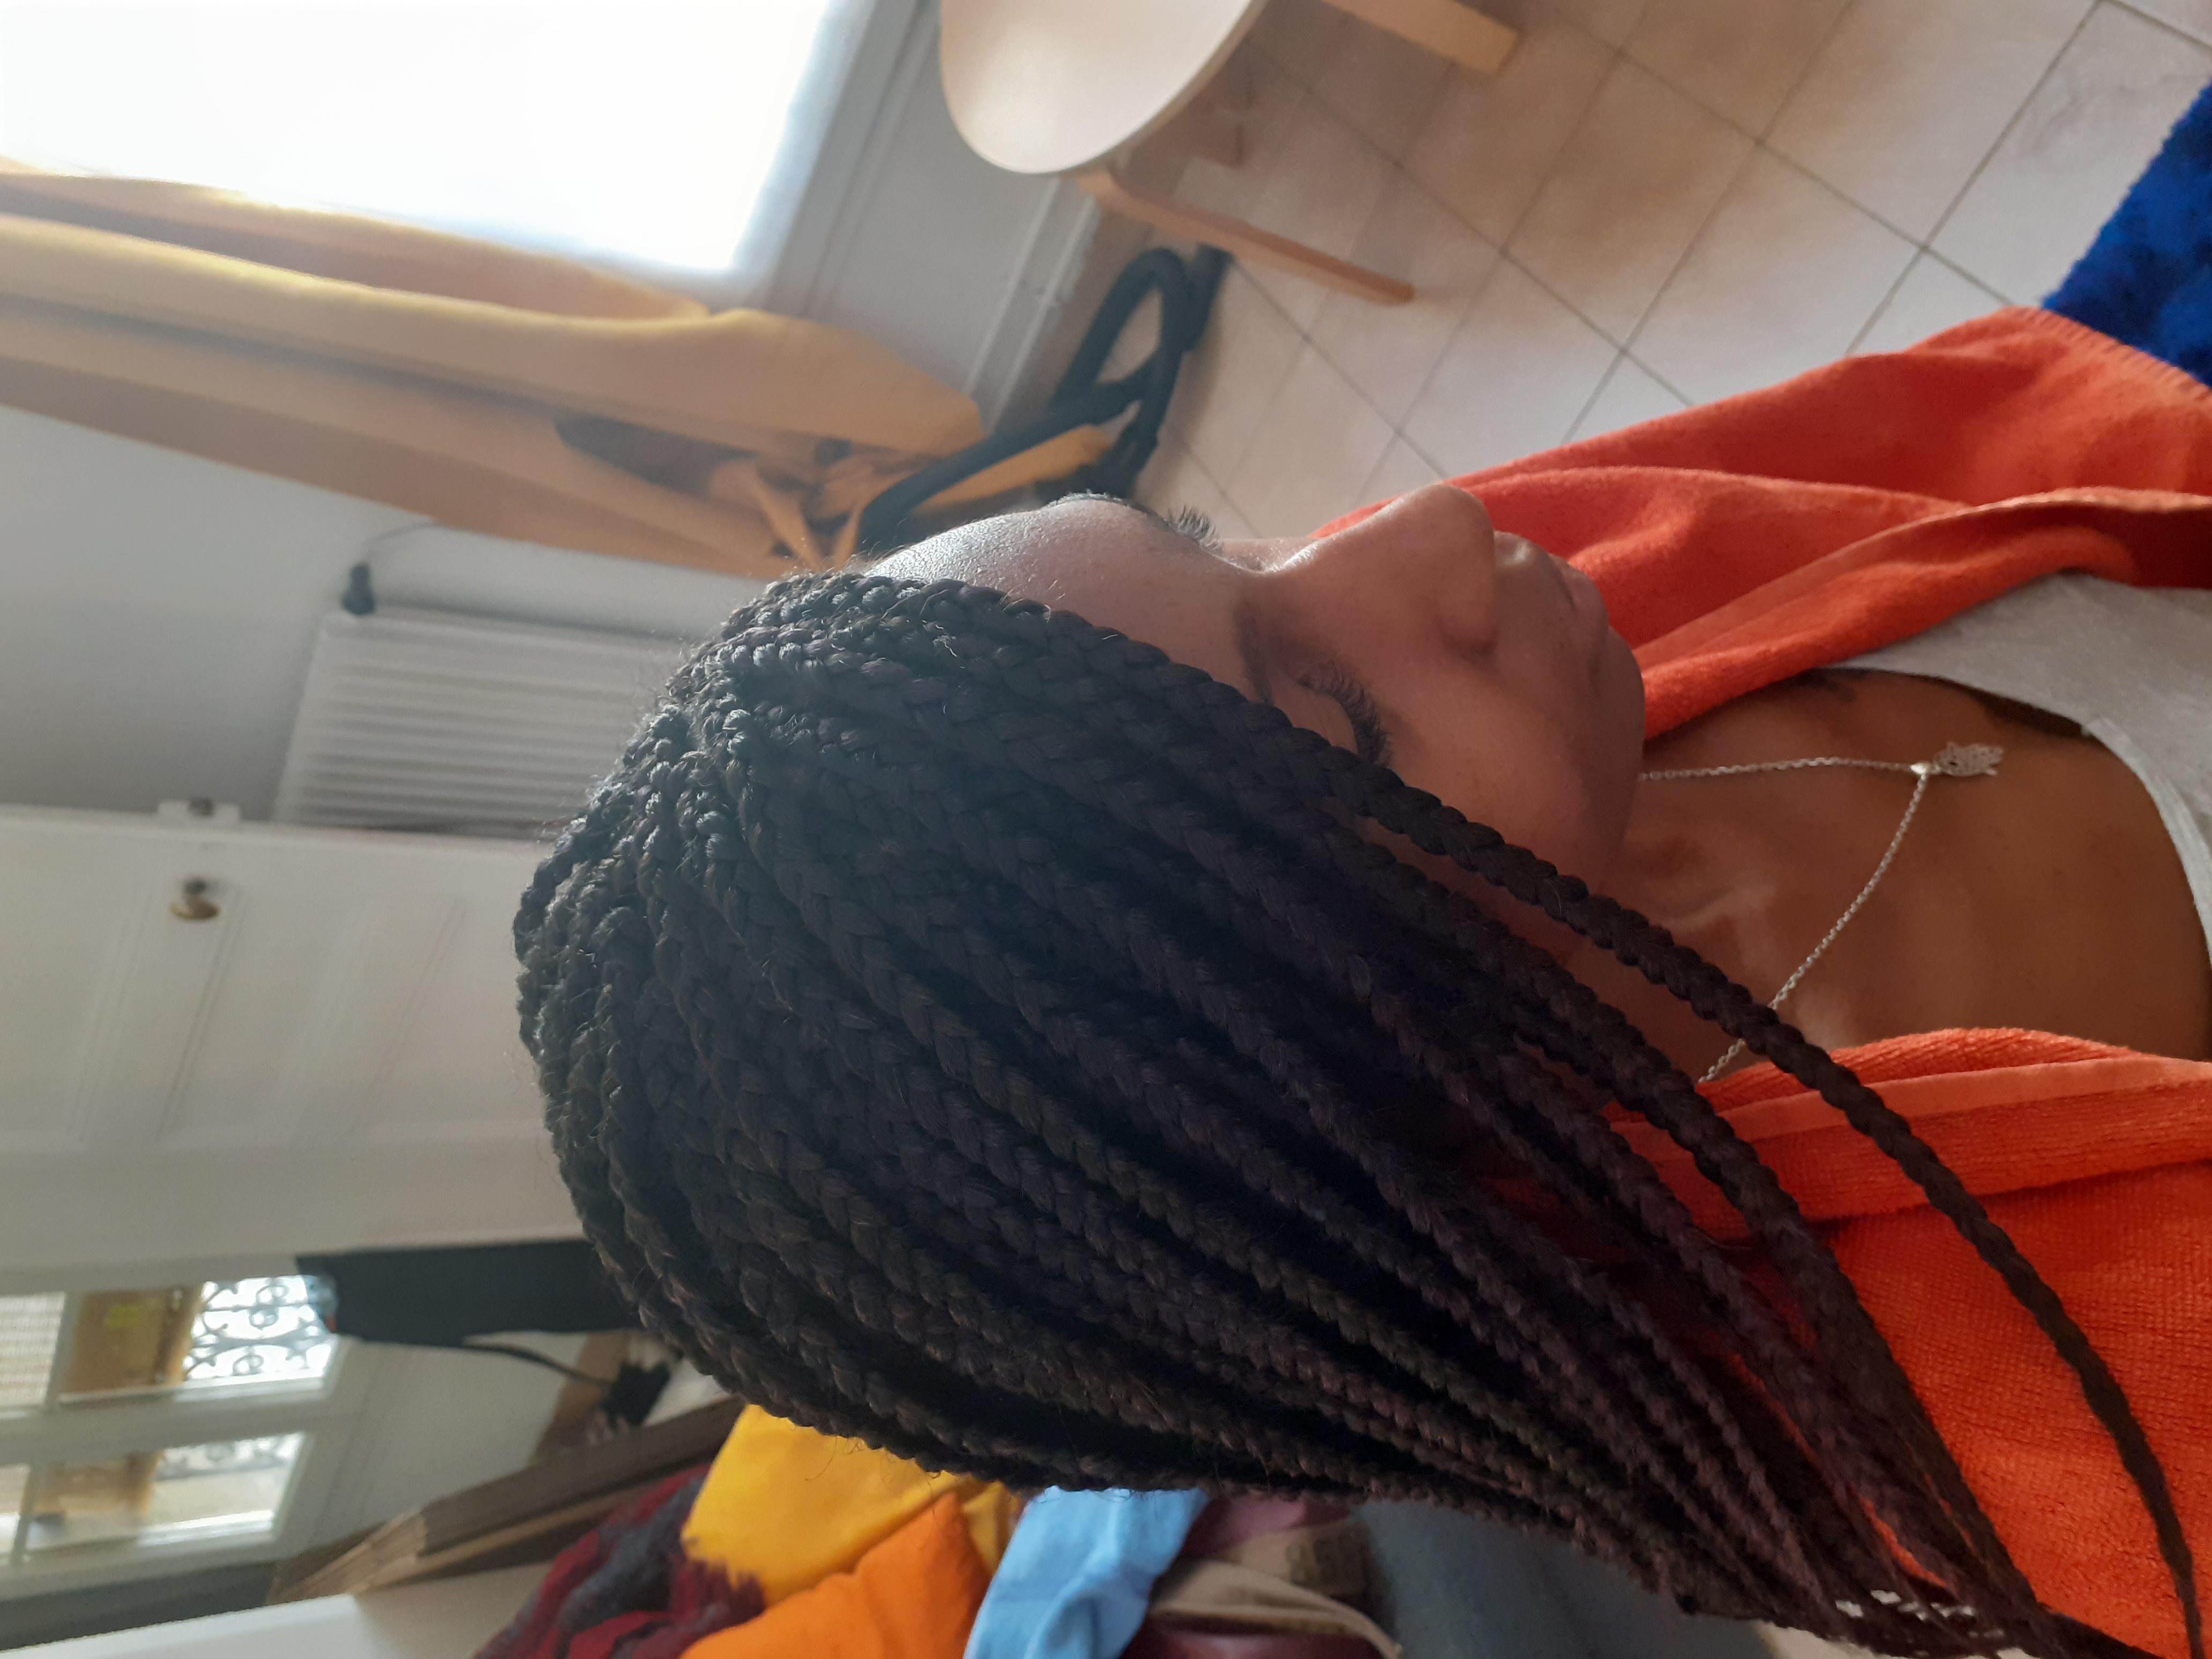 salon de coiffure afro tresse tresses box braids crochet braids vanilles tissages paris 75 77 78 91 92 93 94 95 IFTVDKFB